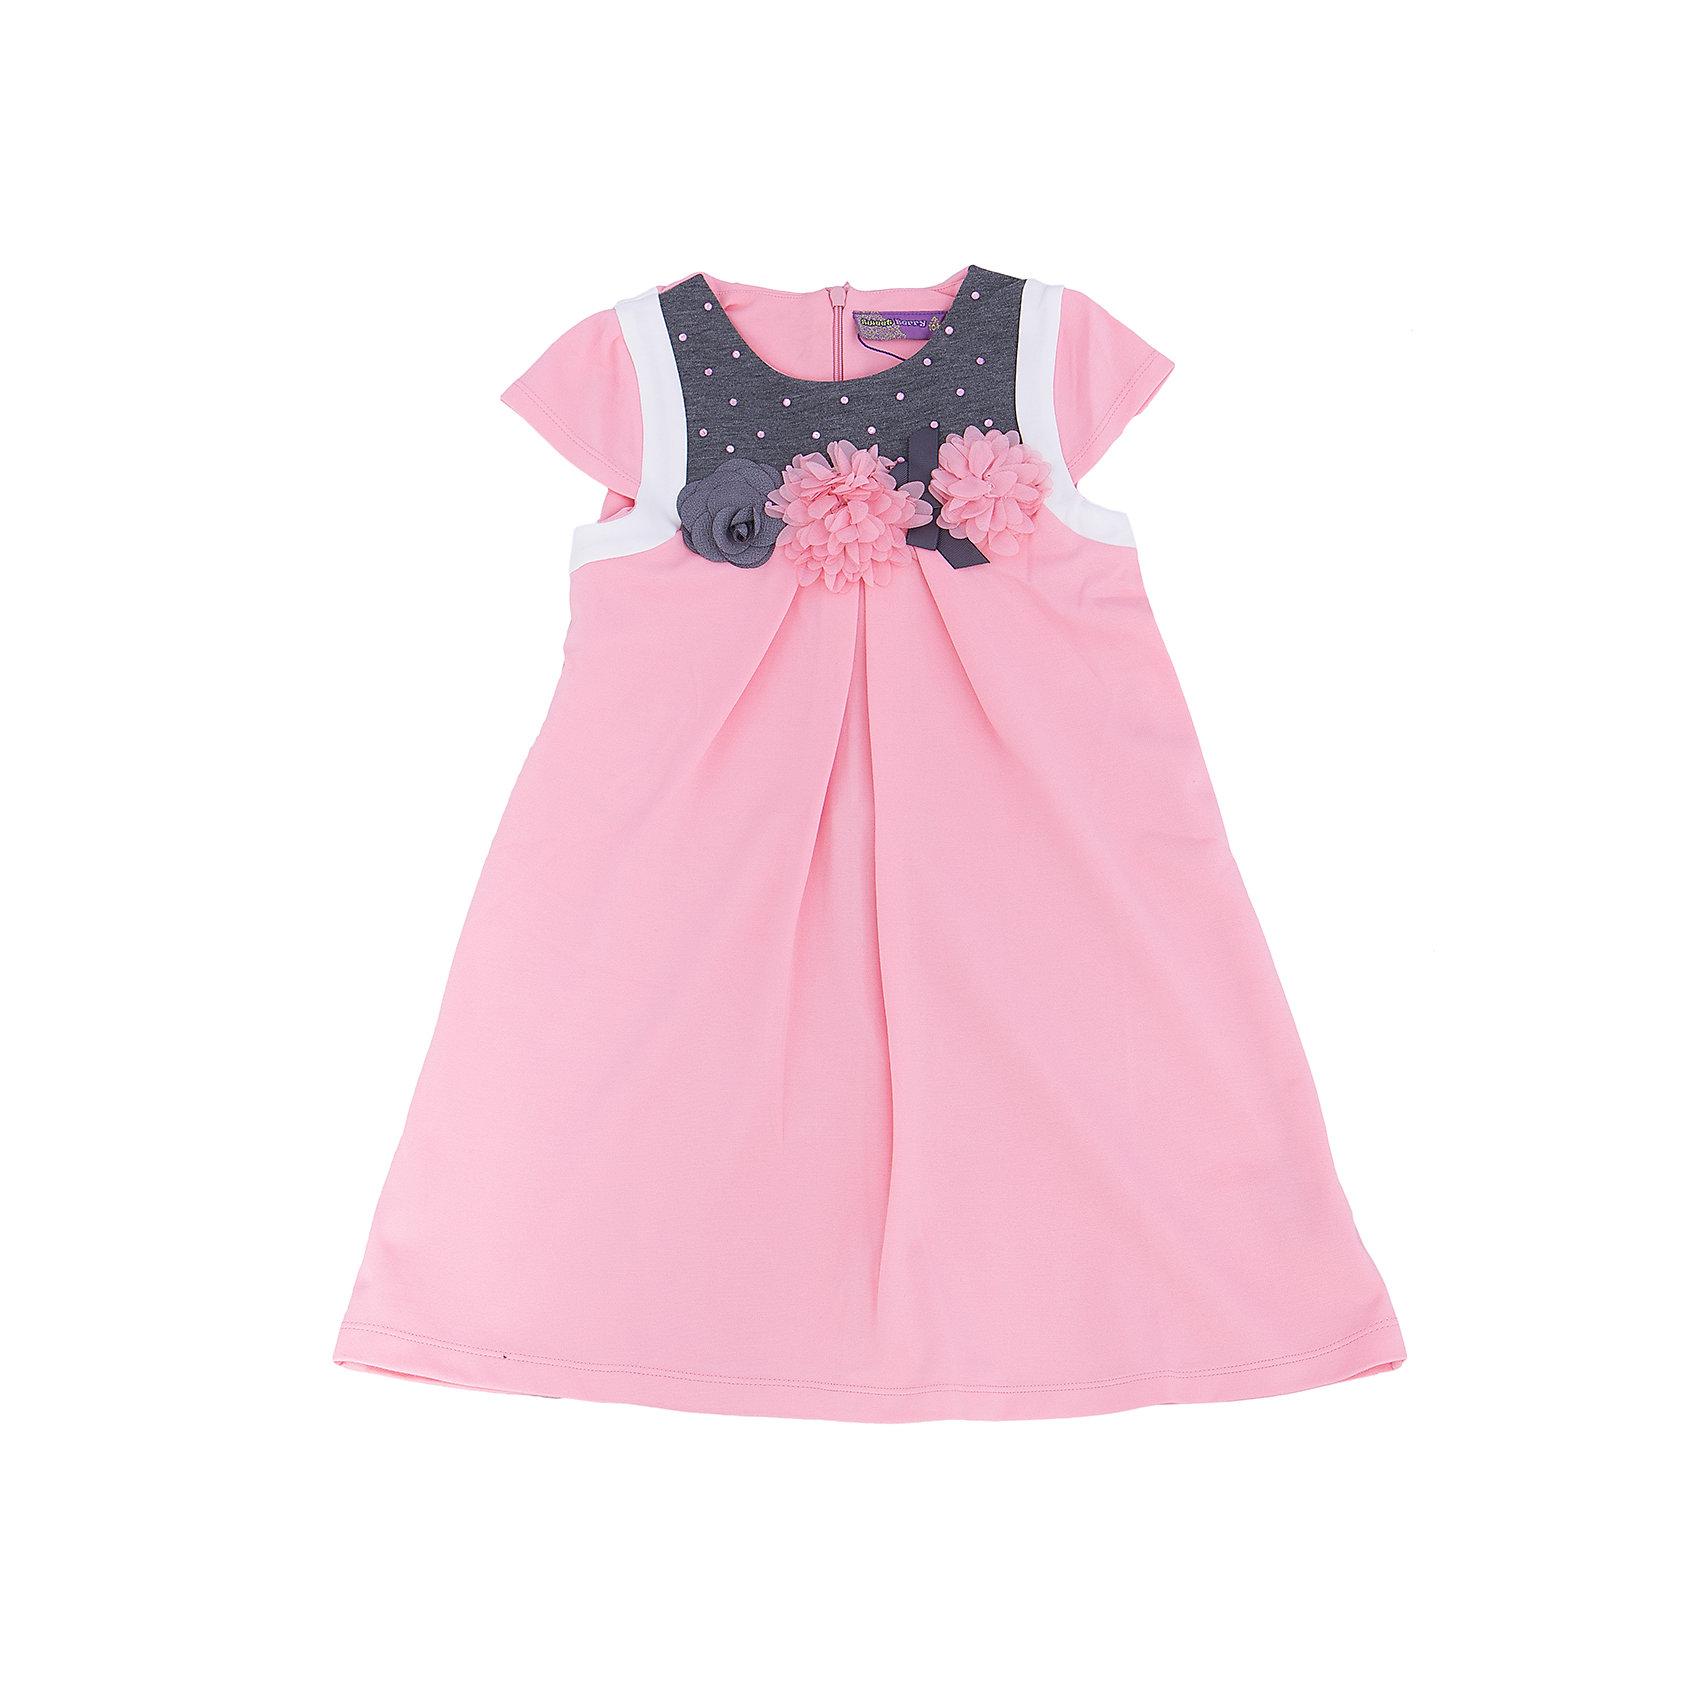 Платье для девочки Sweet BerryПлатья и сарафаны<br>Нежное платье из новой коллекции фирмы Sweet Berry – романтичная модель для не менее романтичной девочки. Основной цвет – бледно розовый. Платье дополнено контрастными деталями серого цвета. На лифе платье прикреплены трикотажные цветы и приклеены розовые стразы. Цвет платья сочетается практически с любыми вещами и позволяет создать множество стильных образов. Материалы, использованные при изготовлении одежды, полностью безопасны для детей и отвечают всем требованиям по качеству продукции данной категории.<br><br>Дополнительная информация: <br><br>расклешенная юбка;<br>2 кармана;<br>цвет: розовый;<br>материал: хлопок 95%, эластан 5%.<br><br>Платье для девочки от компании Sweet Berry можно приобрести в нашем магазине.<br><br>Ширина мм: 236<br>Глубина мм: 16<br>Высота мм: 184<br>Вес г: 177<br>Цвет: розовый<br>Возраст от месяцев: 24<br>Возраст до месяцев: 36<br>Пол: Женский<br>Возраст: Детский<br>Размер: 98,104,110,116,122,128<br>SKU: 4931939